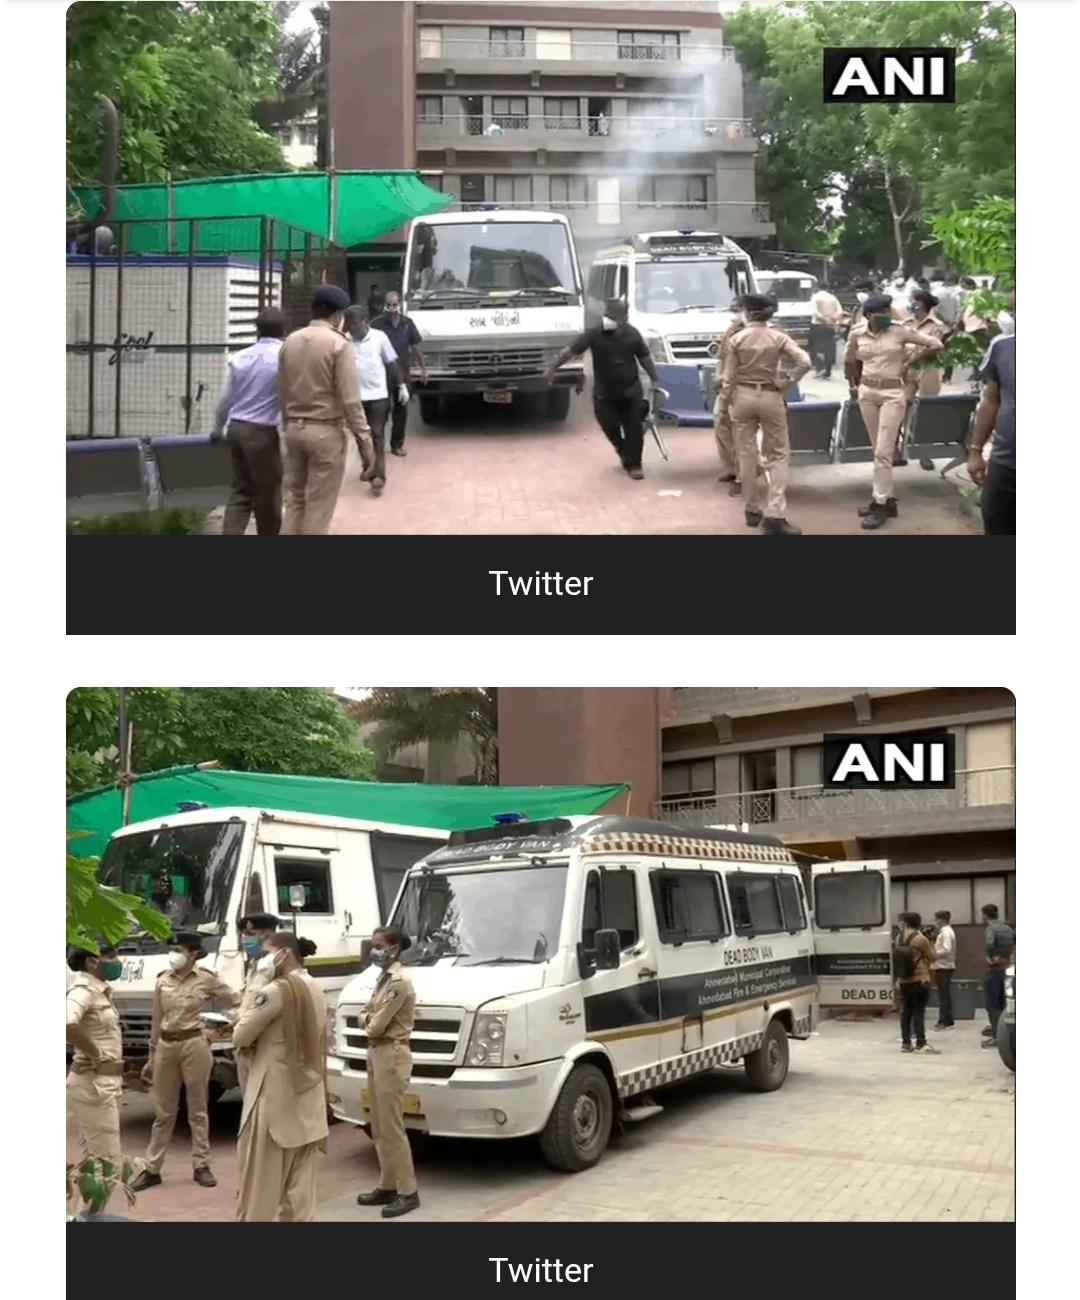 अहमदाबाद कोविड अस्पताल में लगी आग, 8 मरीजों की मौत! 1